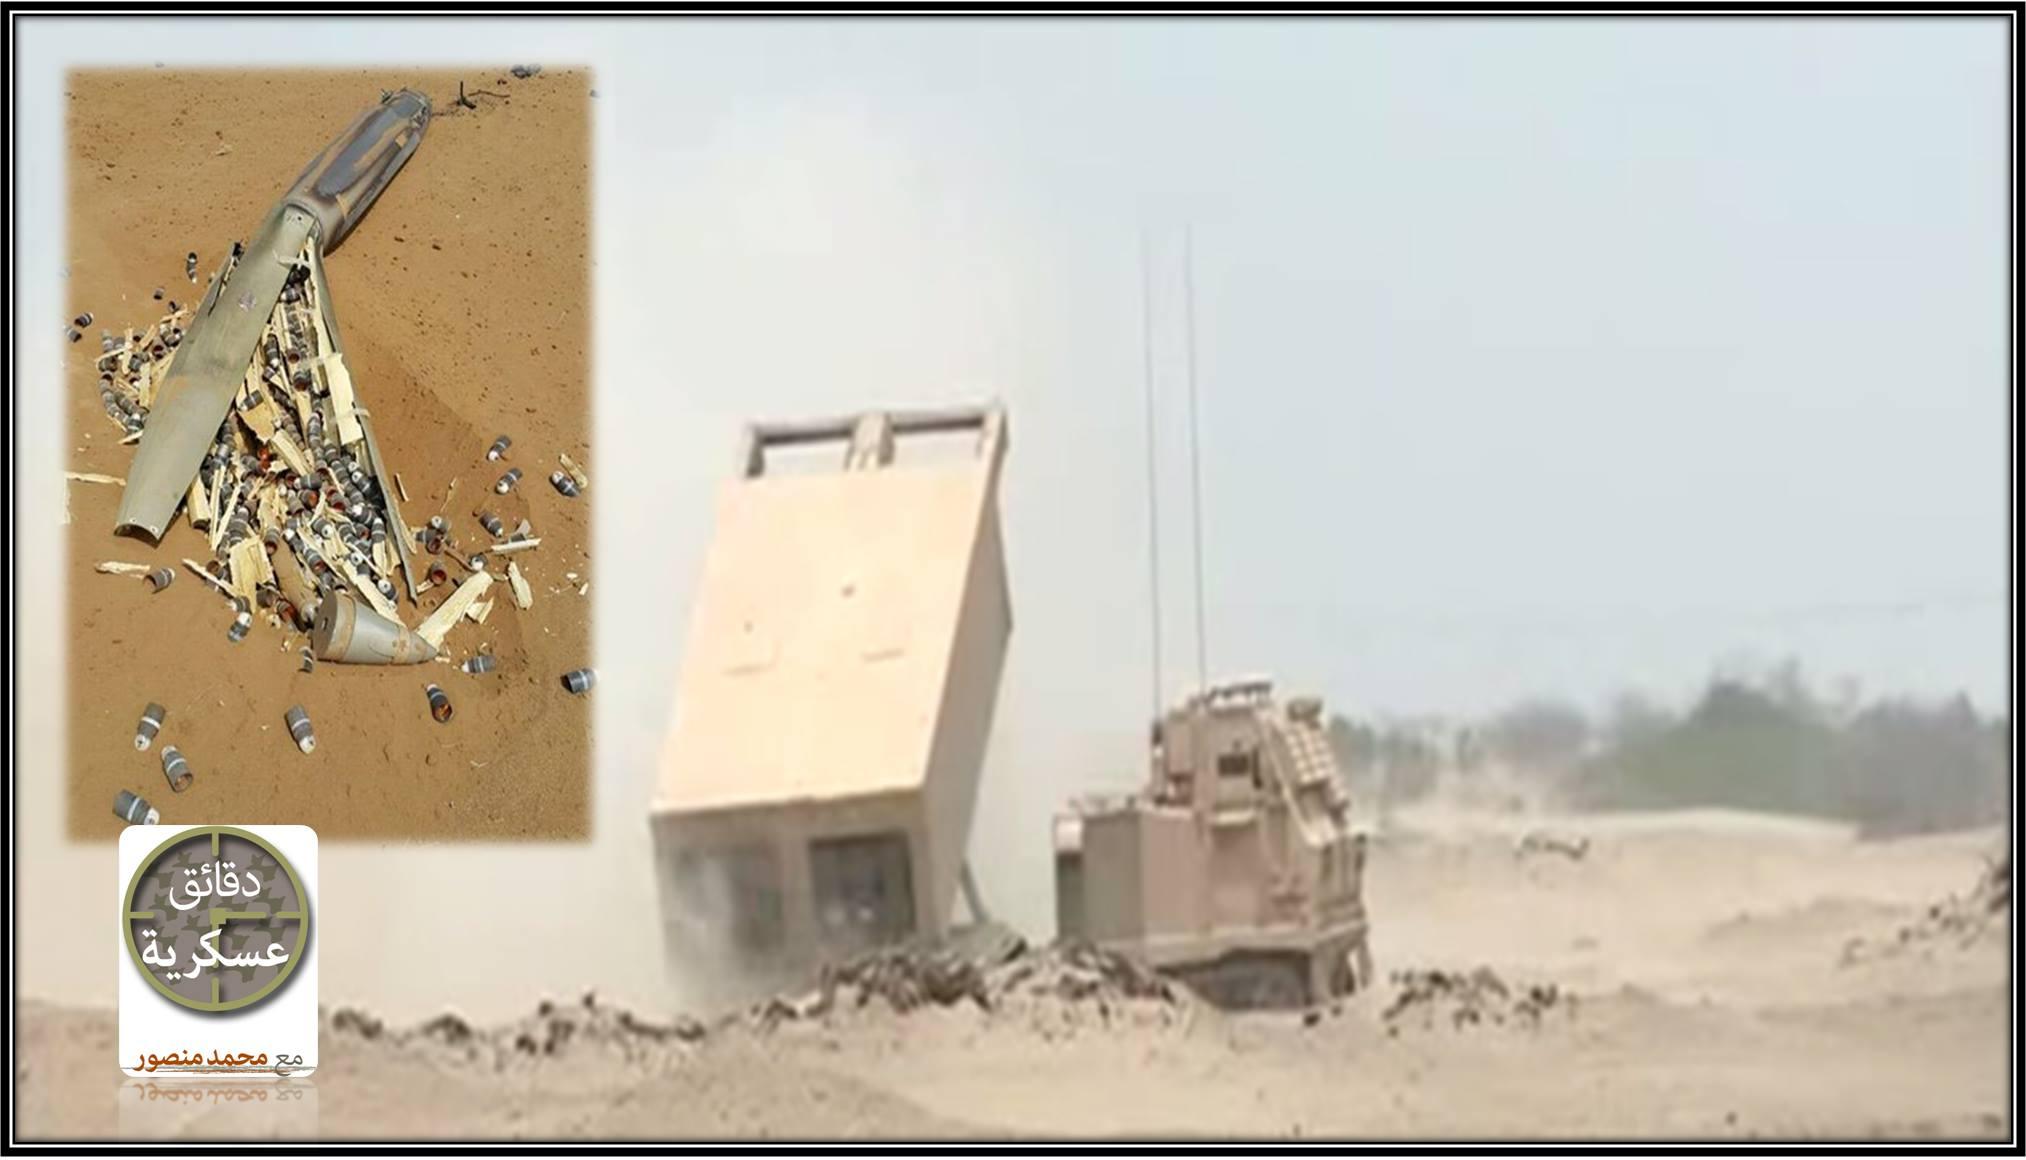 military-minutes-yemen-bombs1